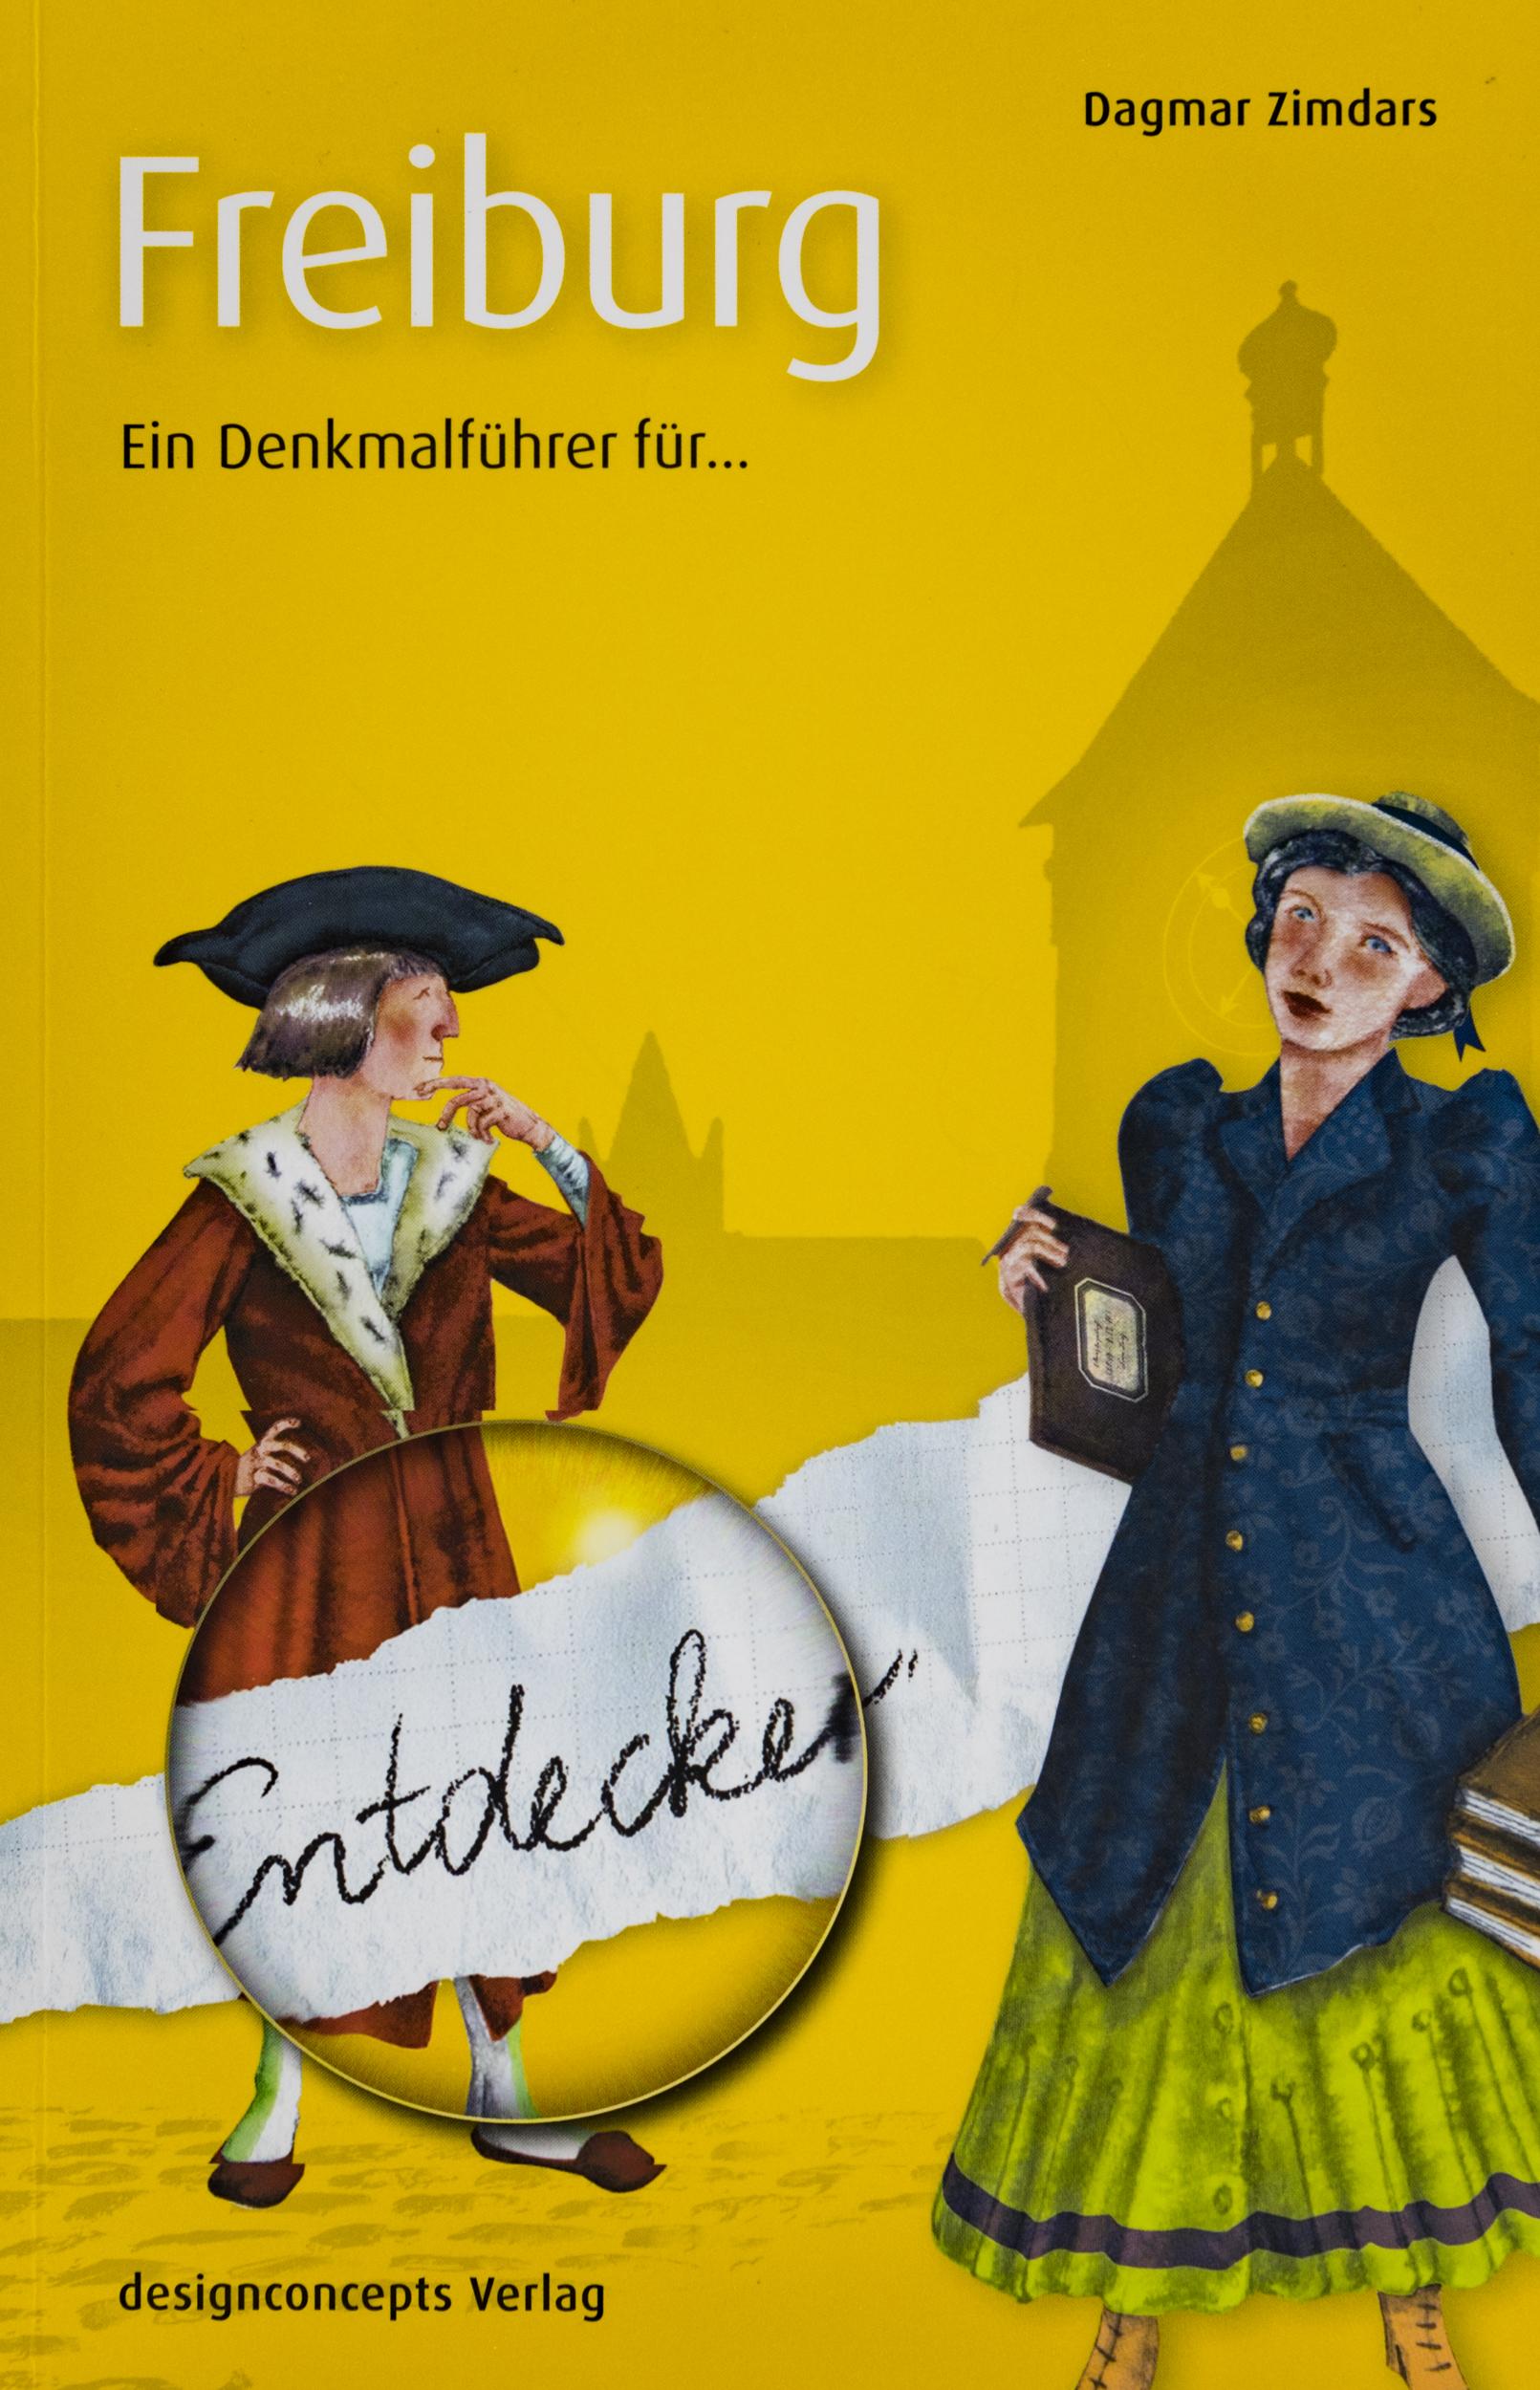 Münsterladen Freiburg Buch Zimdars Freiburg Ein Denkmalführer für Entdecker